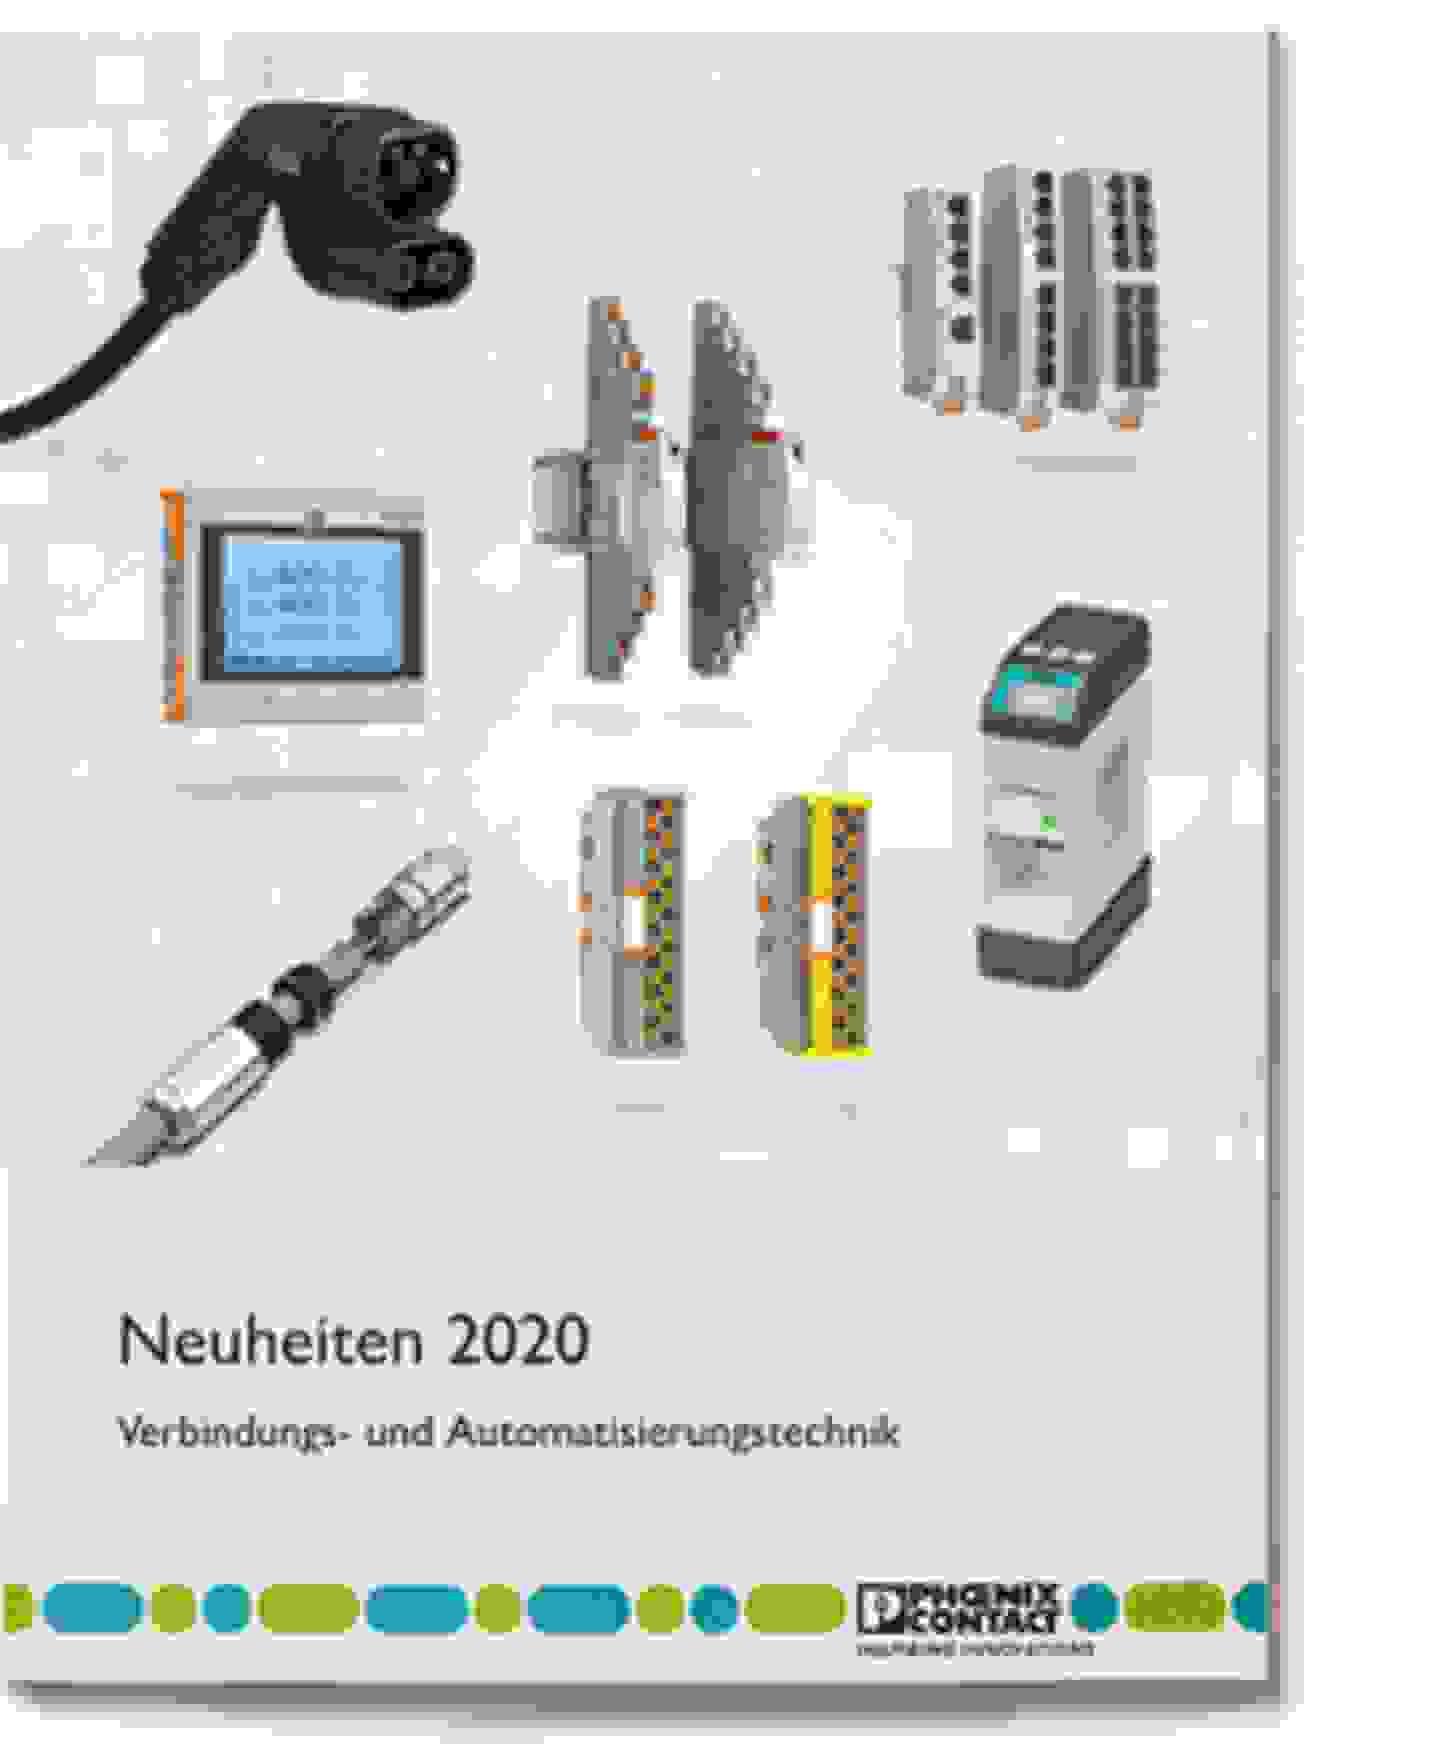 Verbindungs- und Automatisierungstechnik